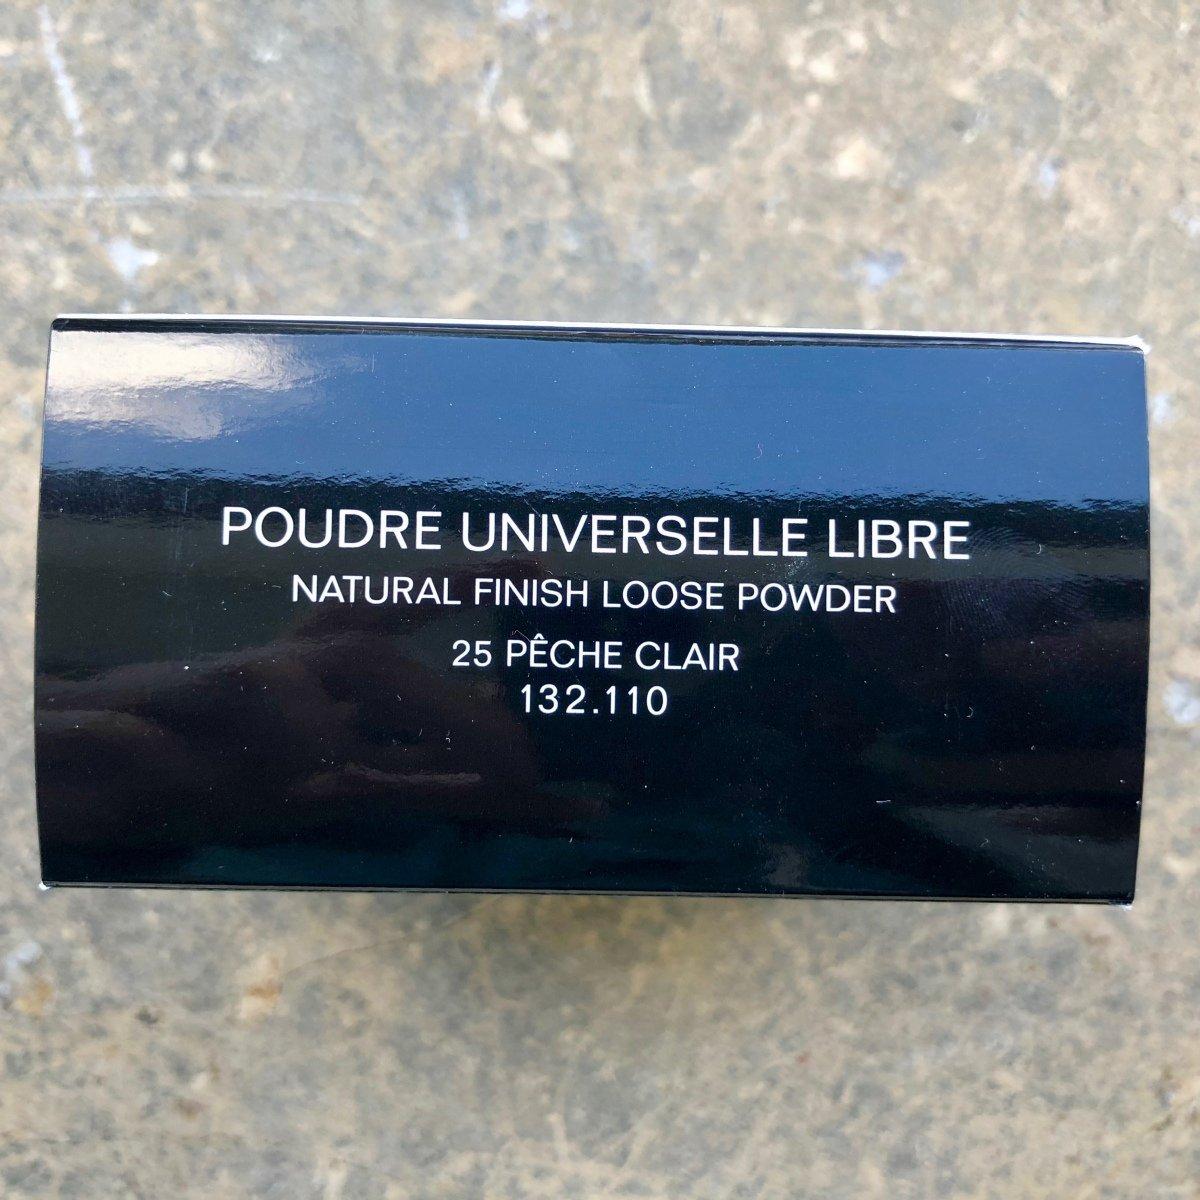 Chanel Poudre Universelle Libre Erfahrungsberichte Von Sani